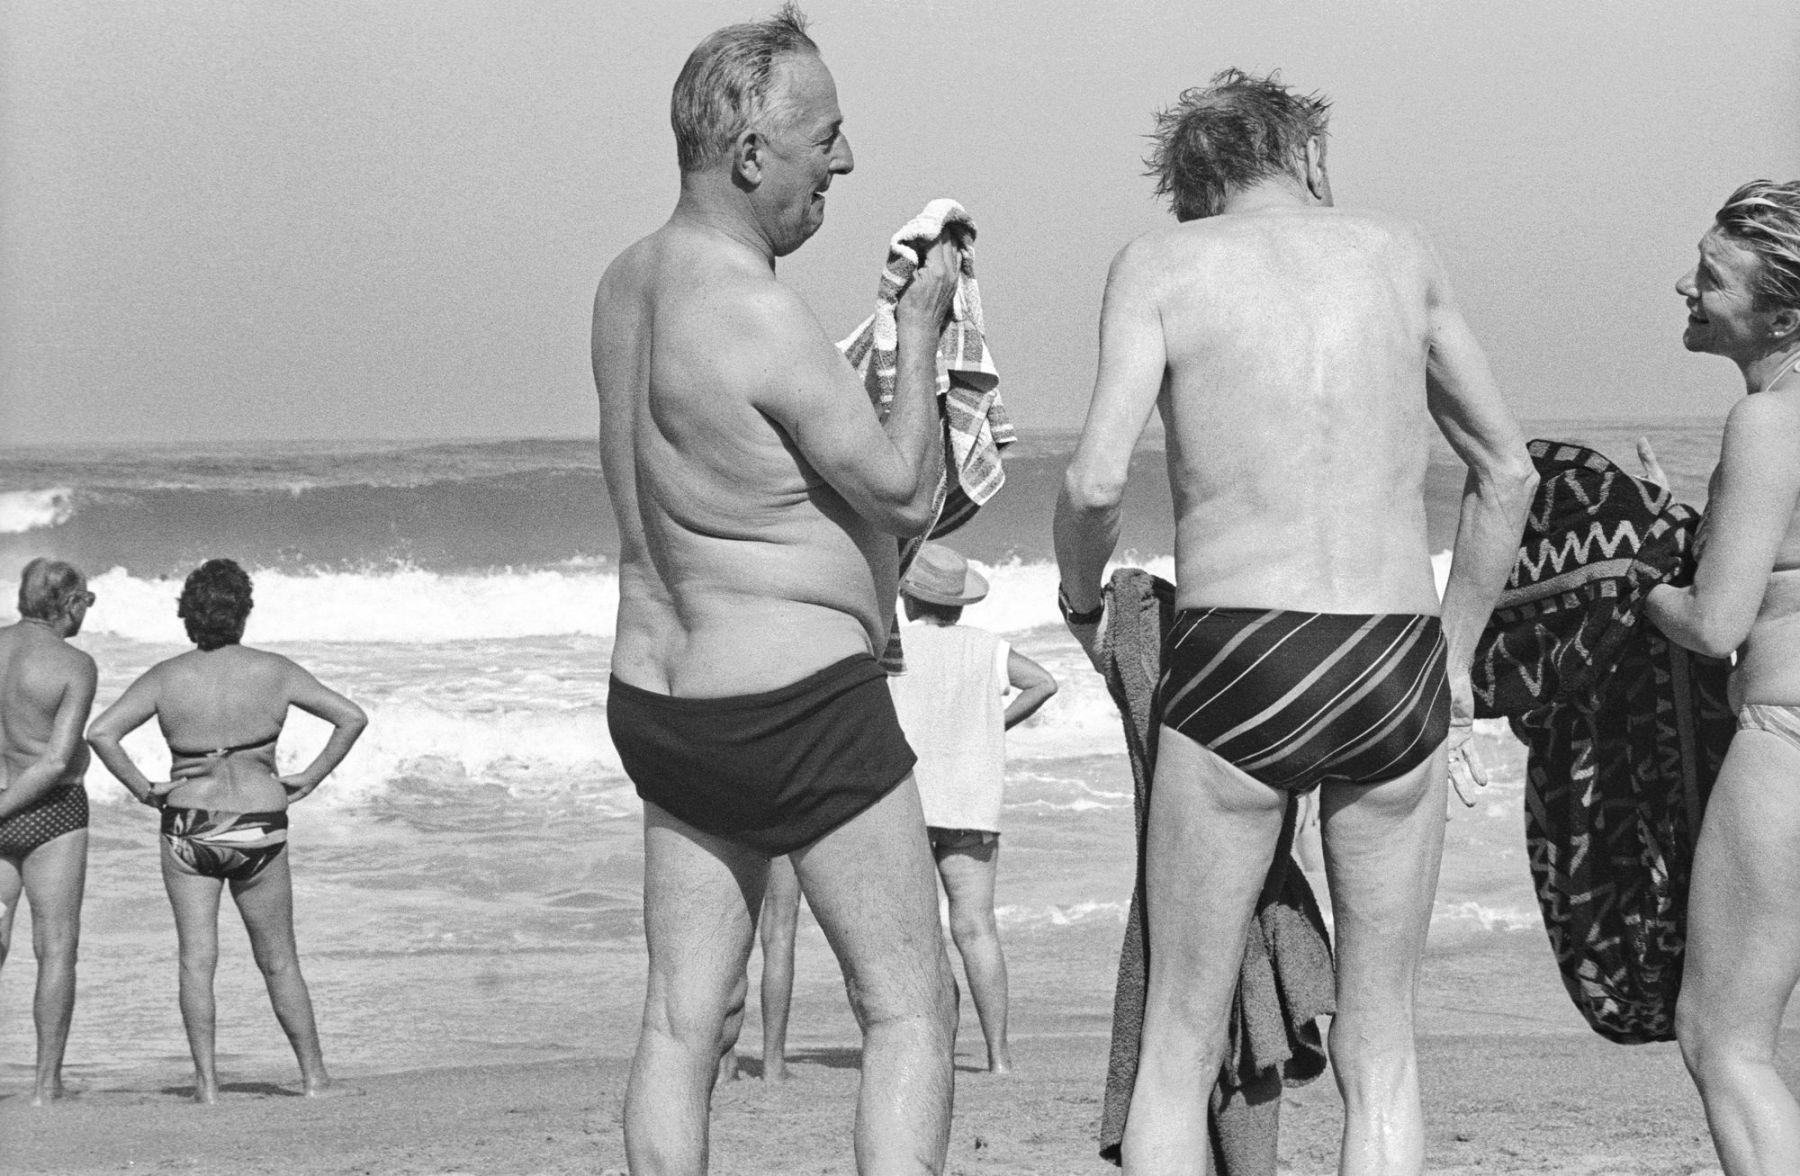 MichelAycaguer-Biarritz-GrandePlage-1988-PointFixe-Leica-13